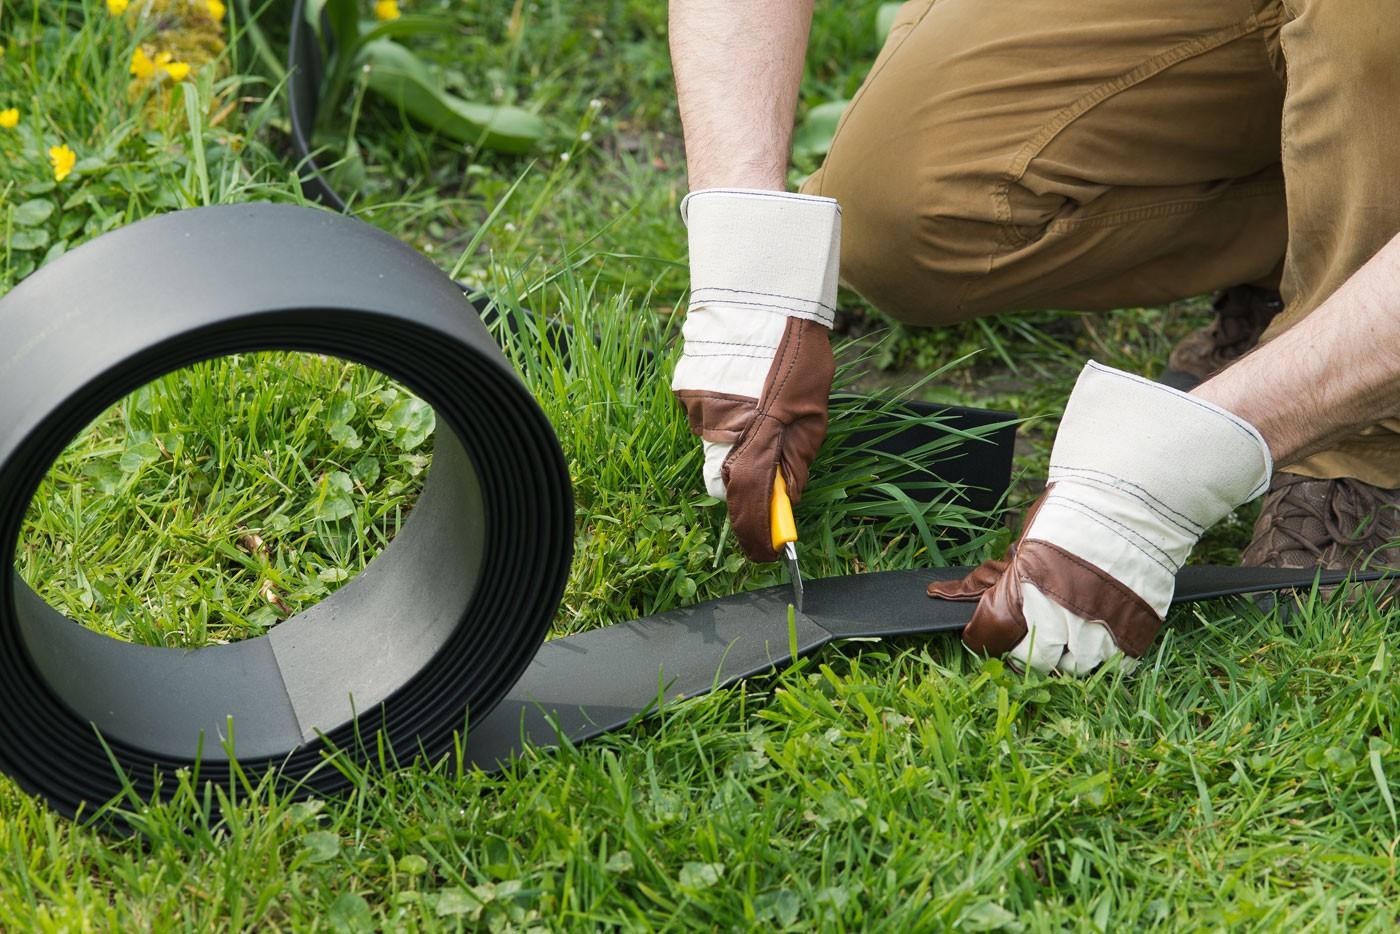 Bordure jardin plastique cm x 5 m noire - Les bordures de jardin ...